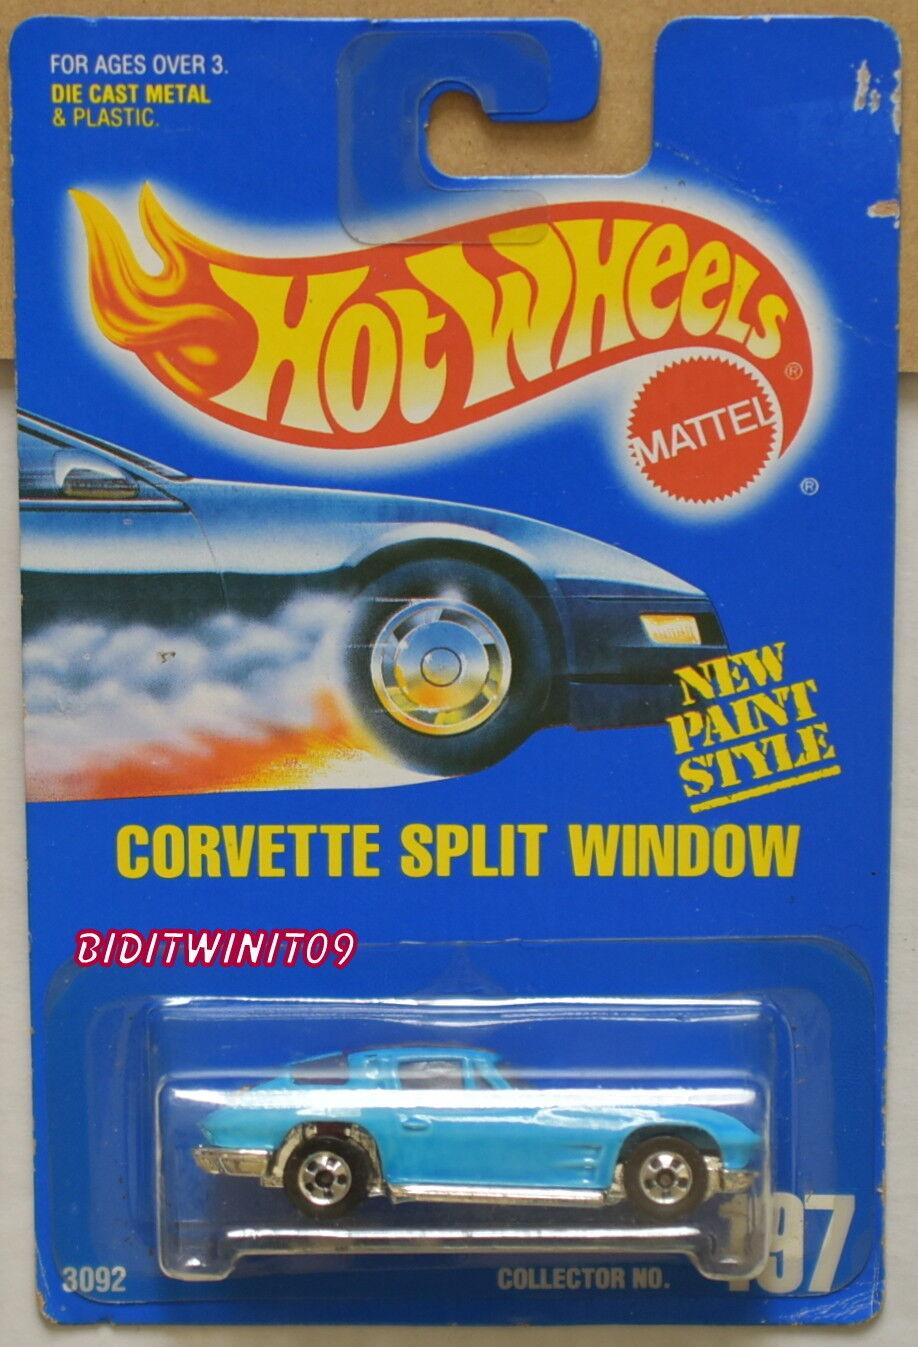 HOT WHEELS 1991 blueE CARD CORVETTE SPLIT WINDOW BASIC WHEELS LIGHT blueE W+